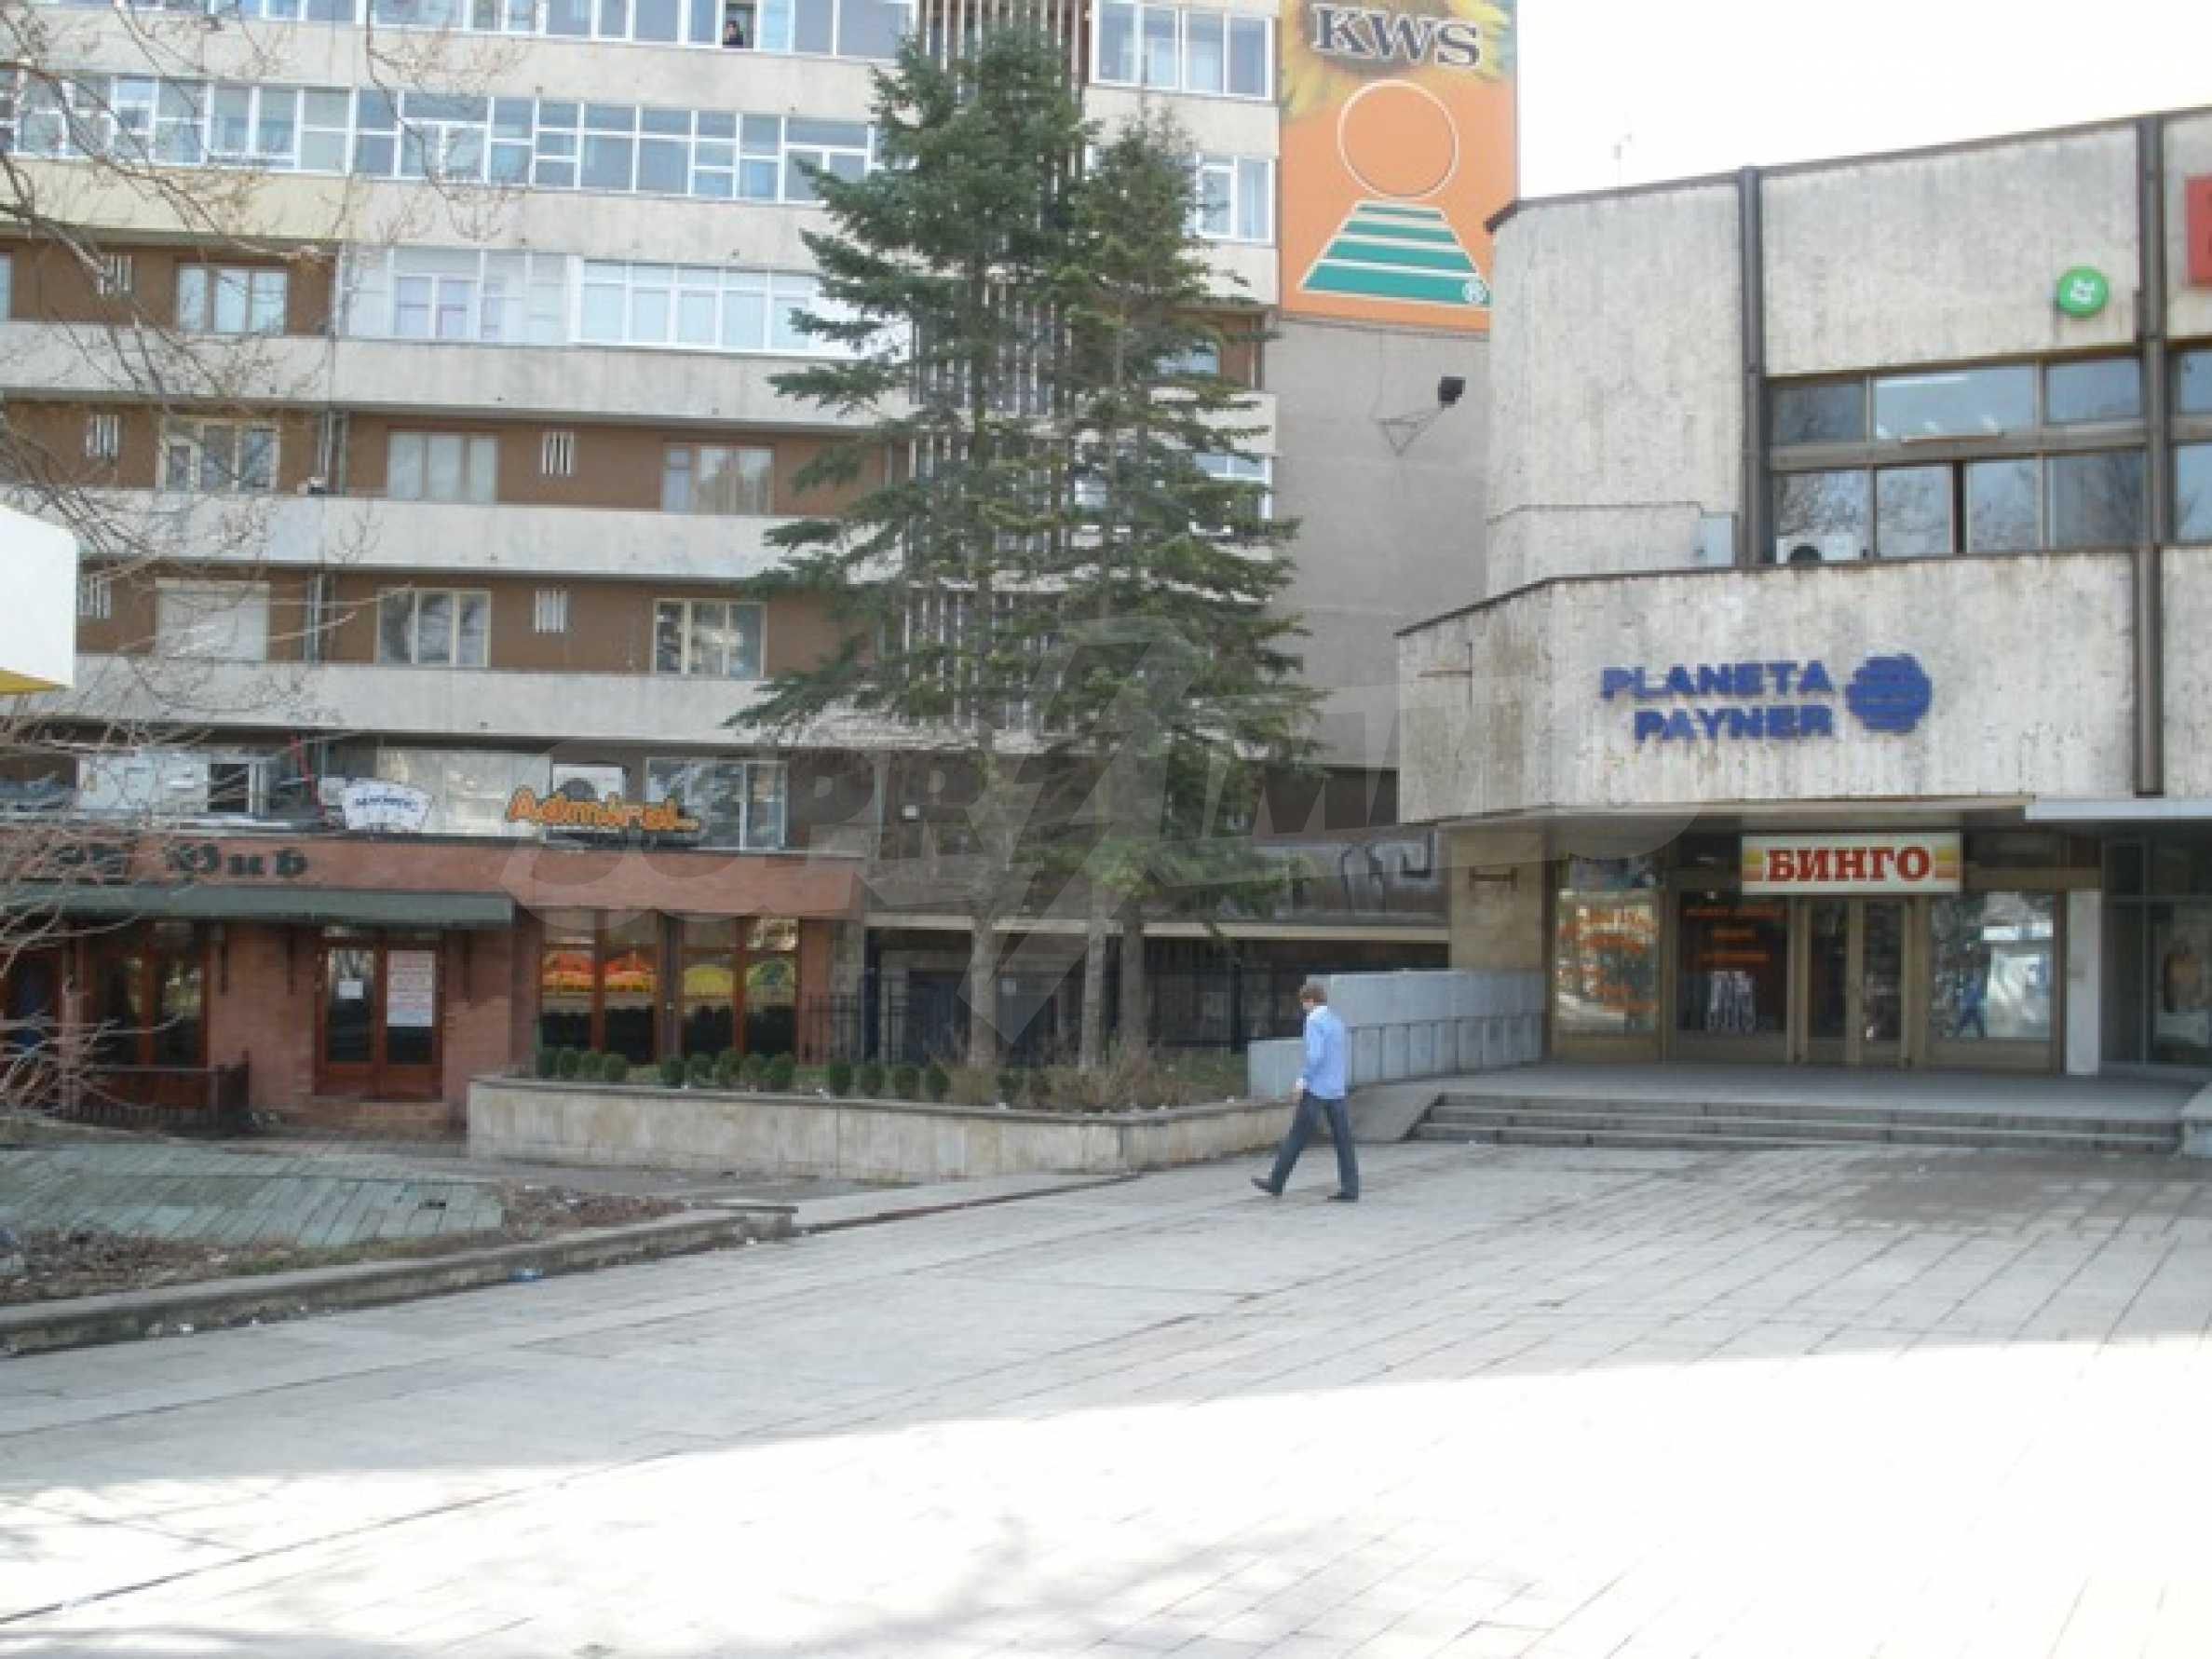 Prämisse in der Stadt Dobrich 1